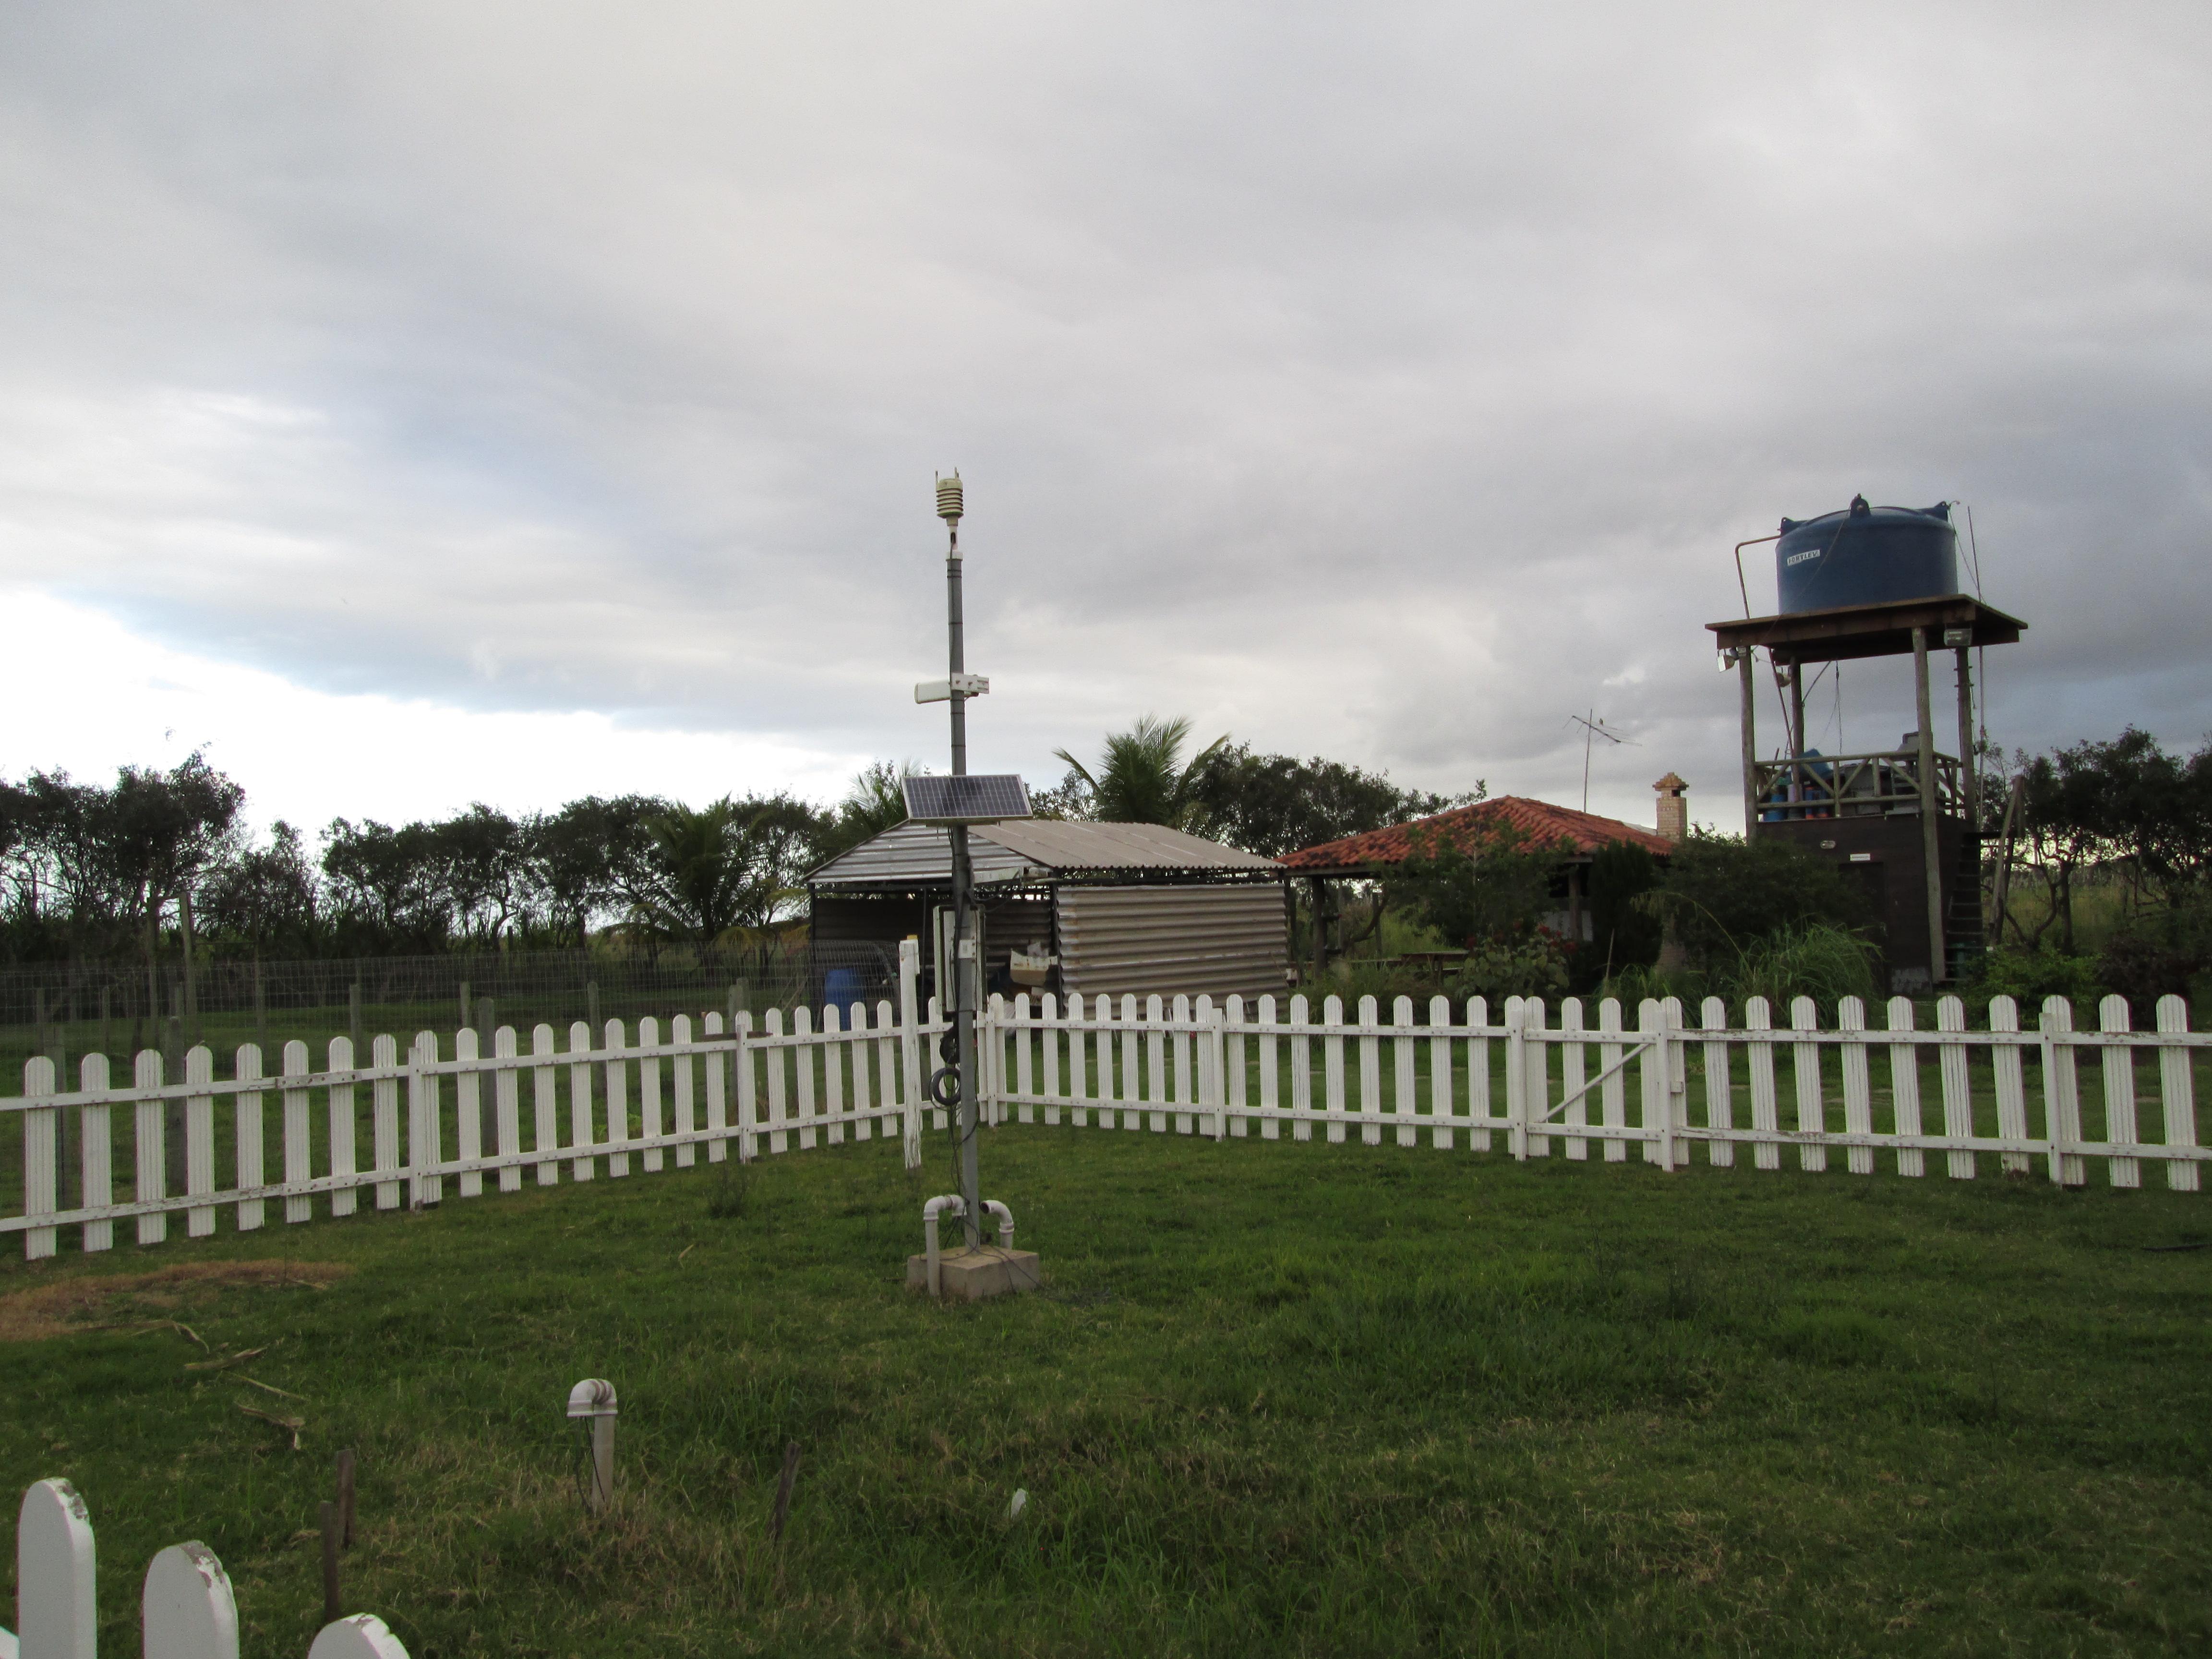 Estação meteorológica automática